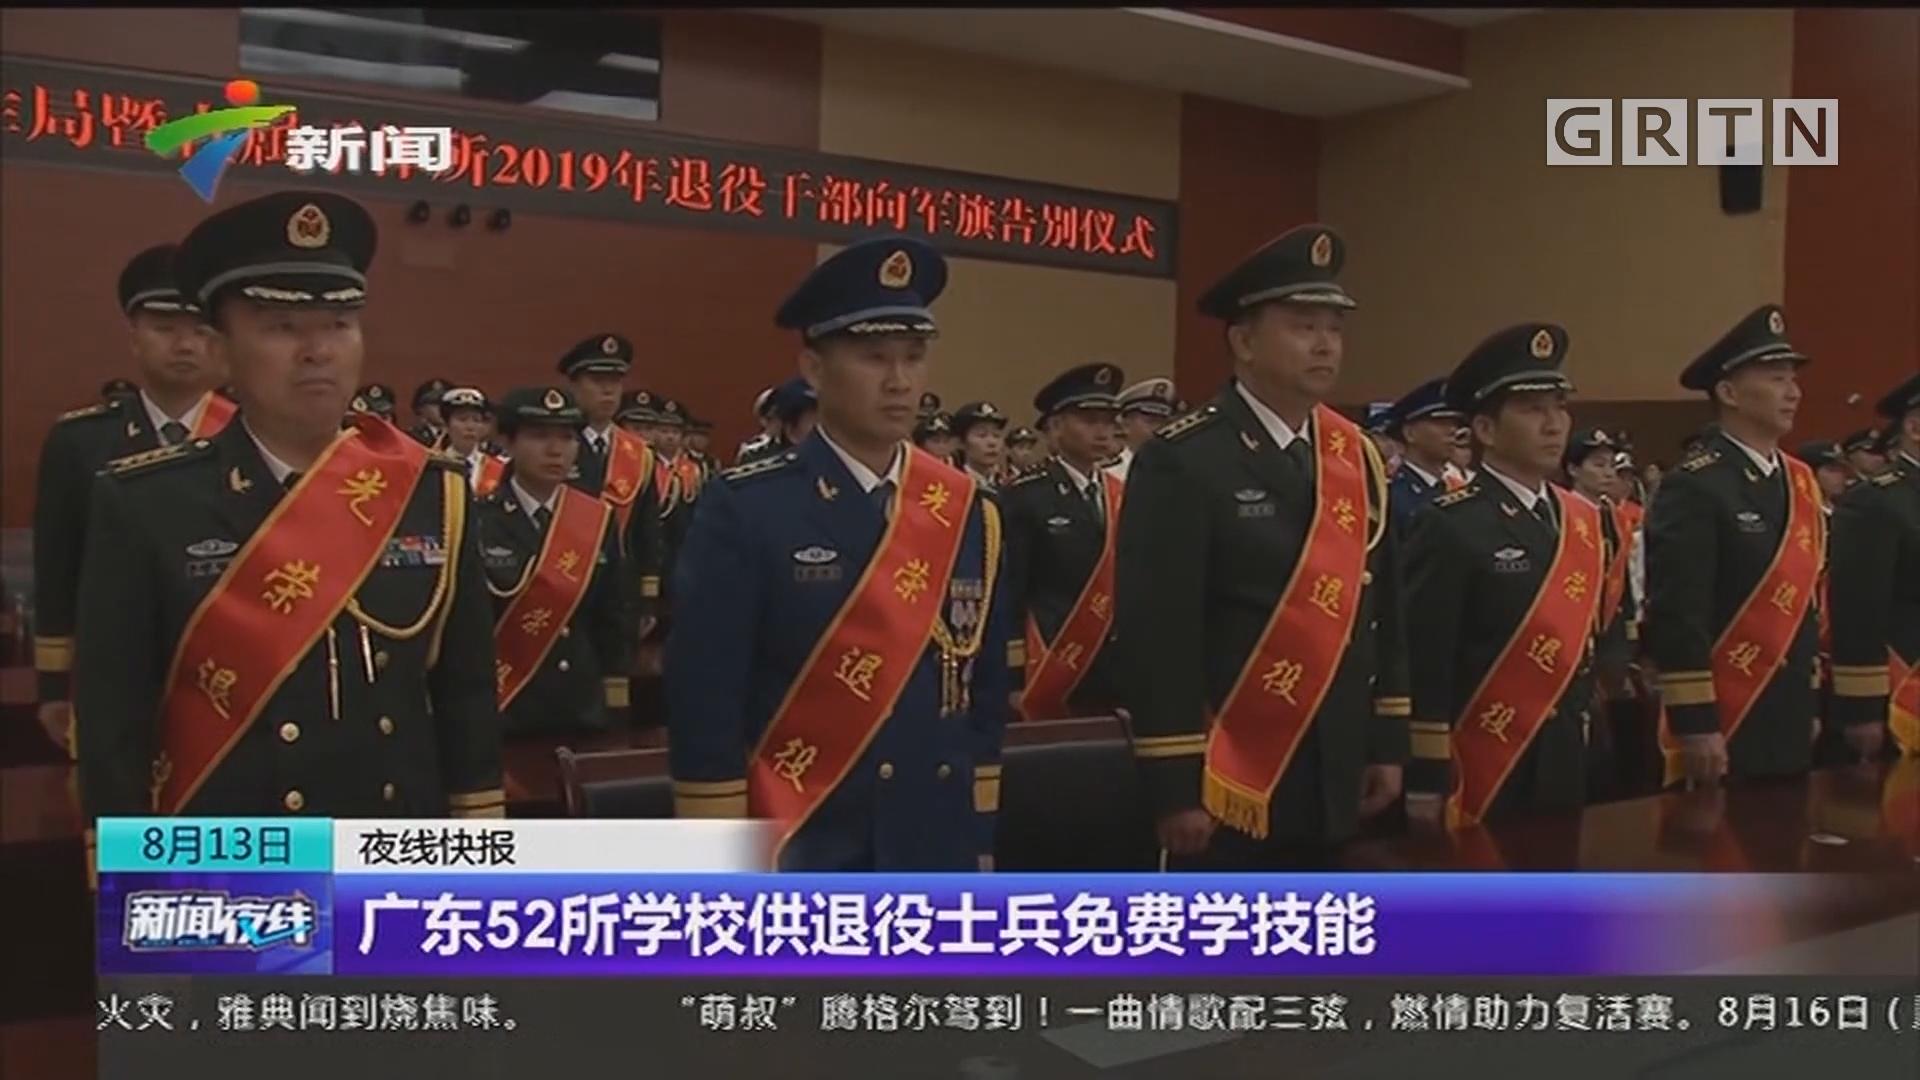 广东52所学校供退役士兵免费学技能